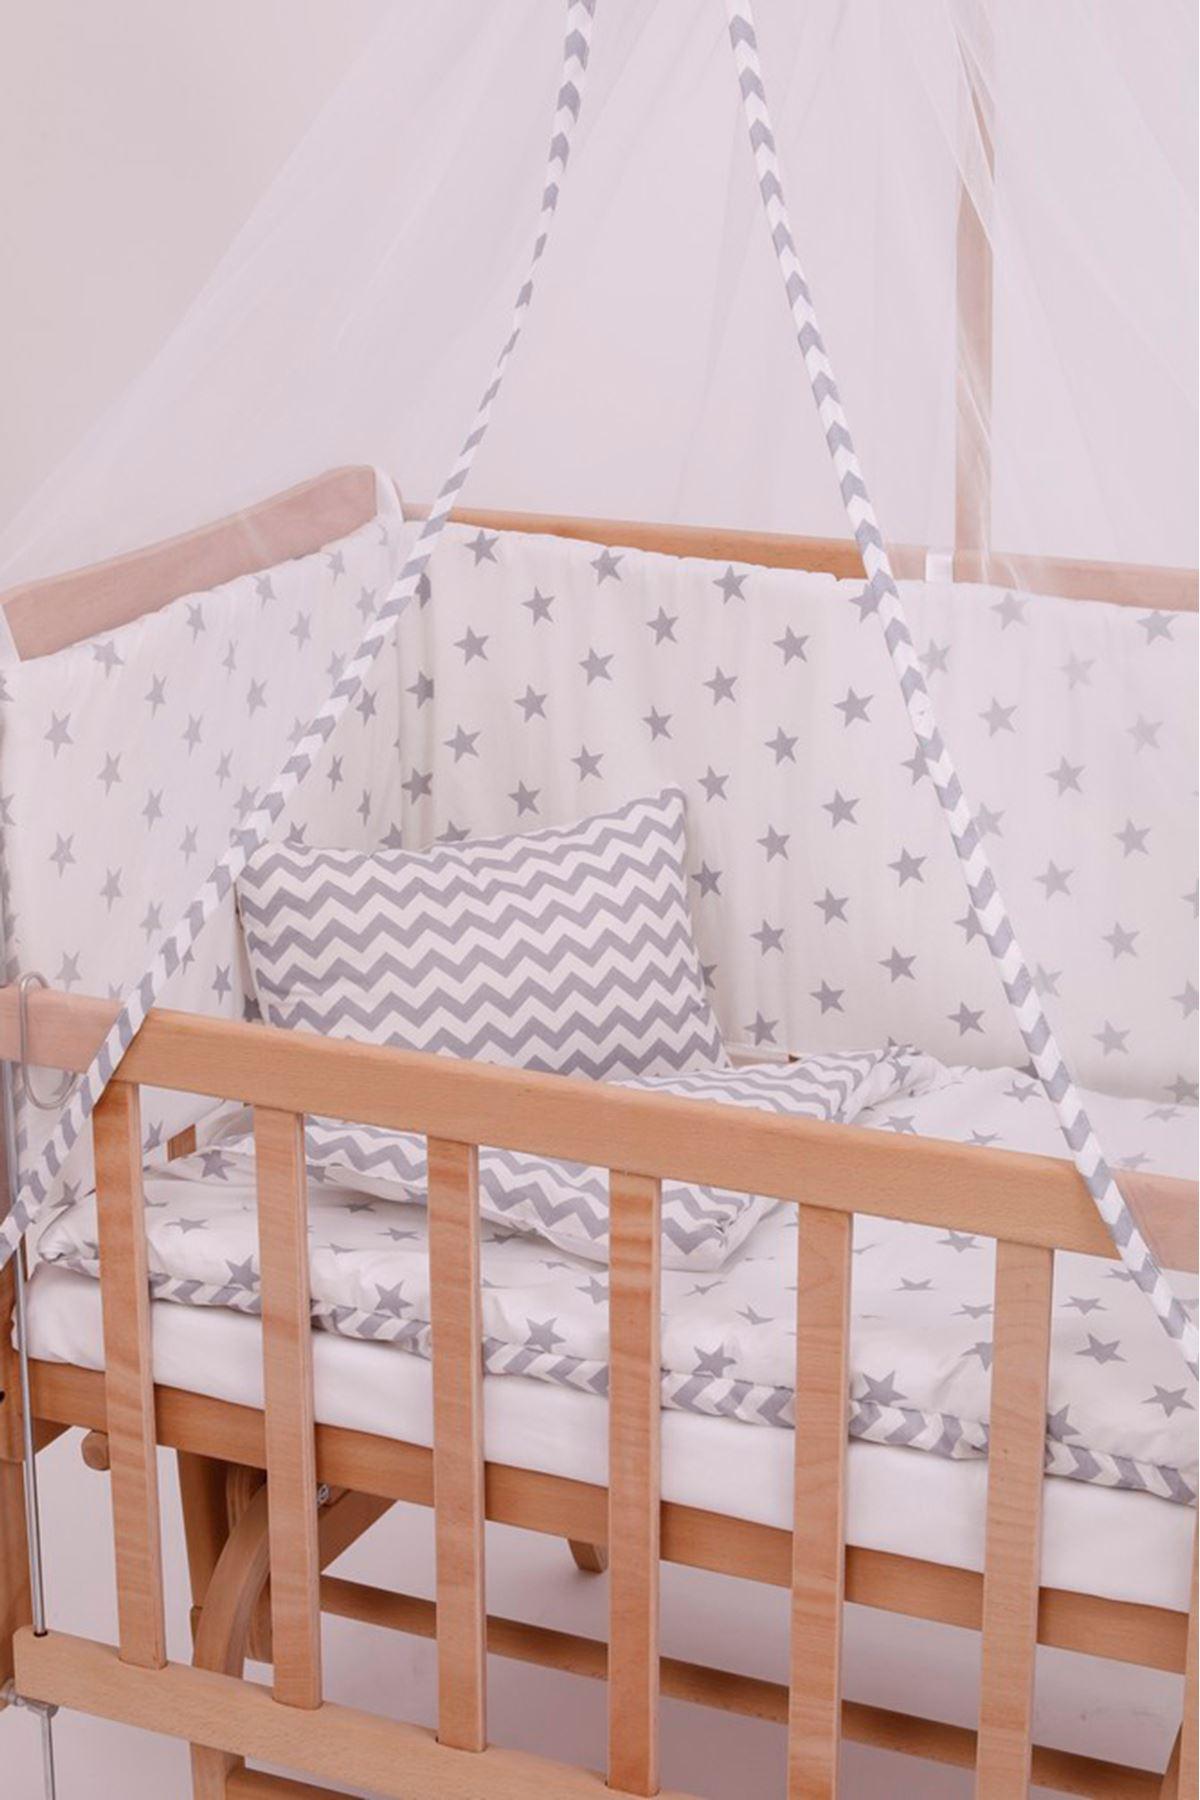 Lara Anne Yanı Beşik Gri Zigzaglı Uyku Seti İle